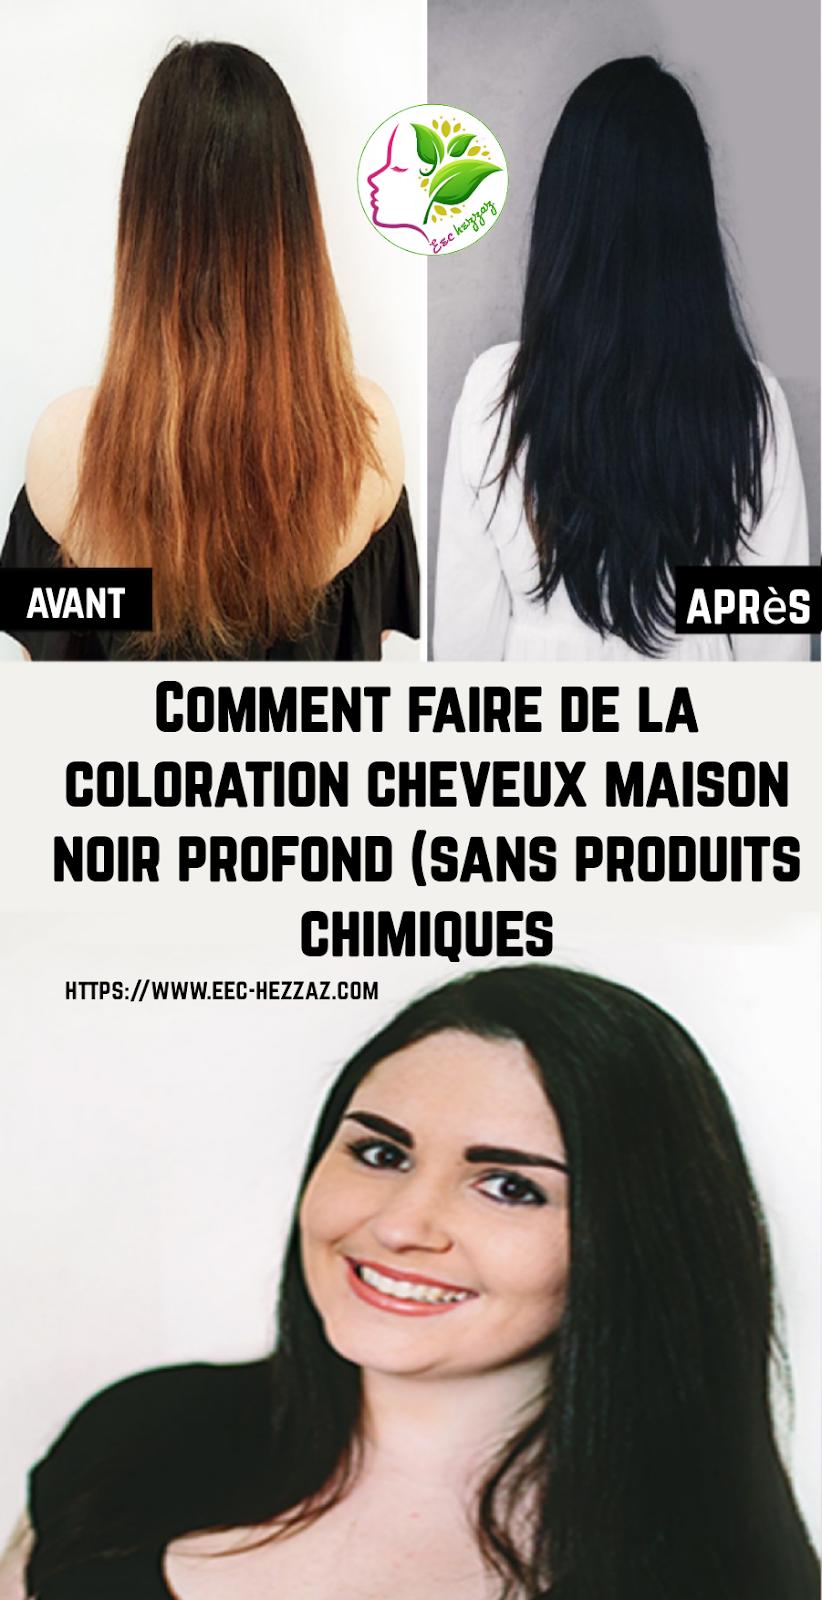 Comment faire de la coloration cheveux maison noir profond (sans produits chimiques